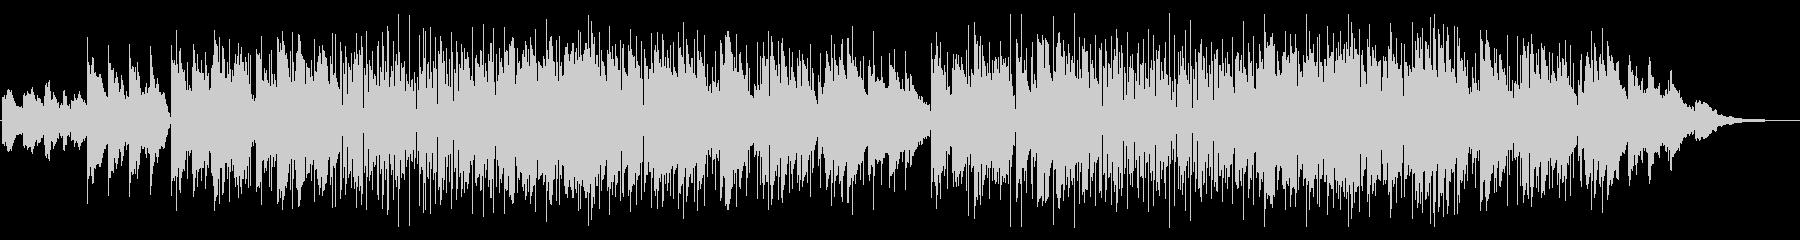 スムースジャズ・サックスの未再生の波形